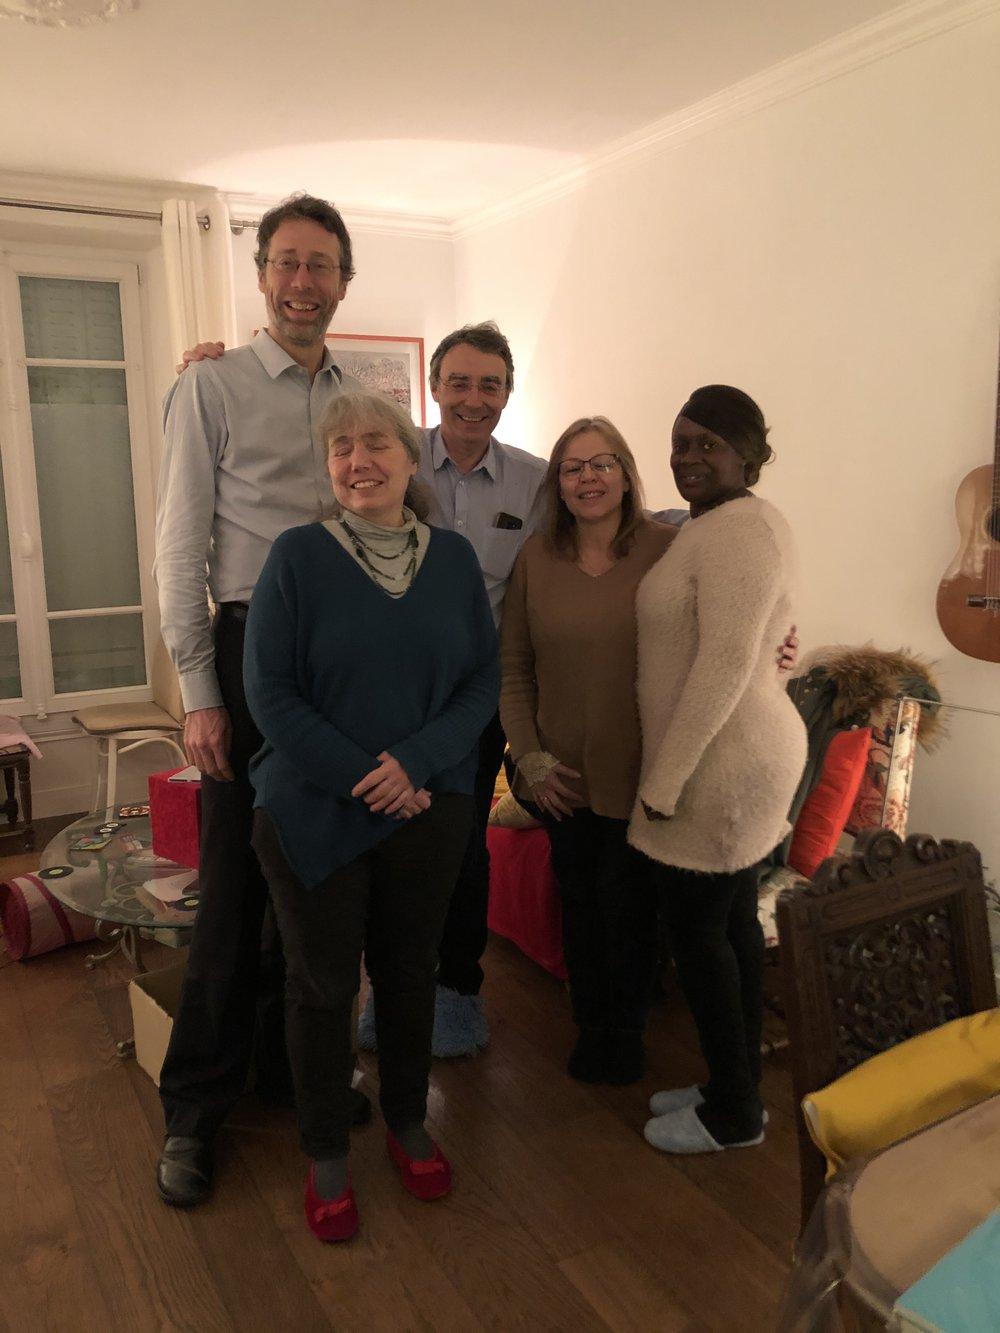 Liste Fontenay avec vous: Pascal Buchet, Françoise Letang, Amy Coly.